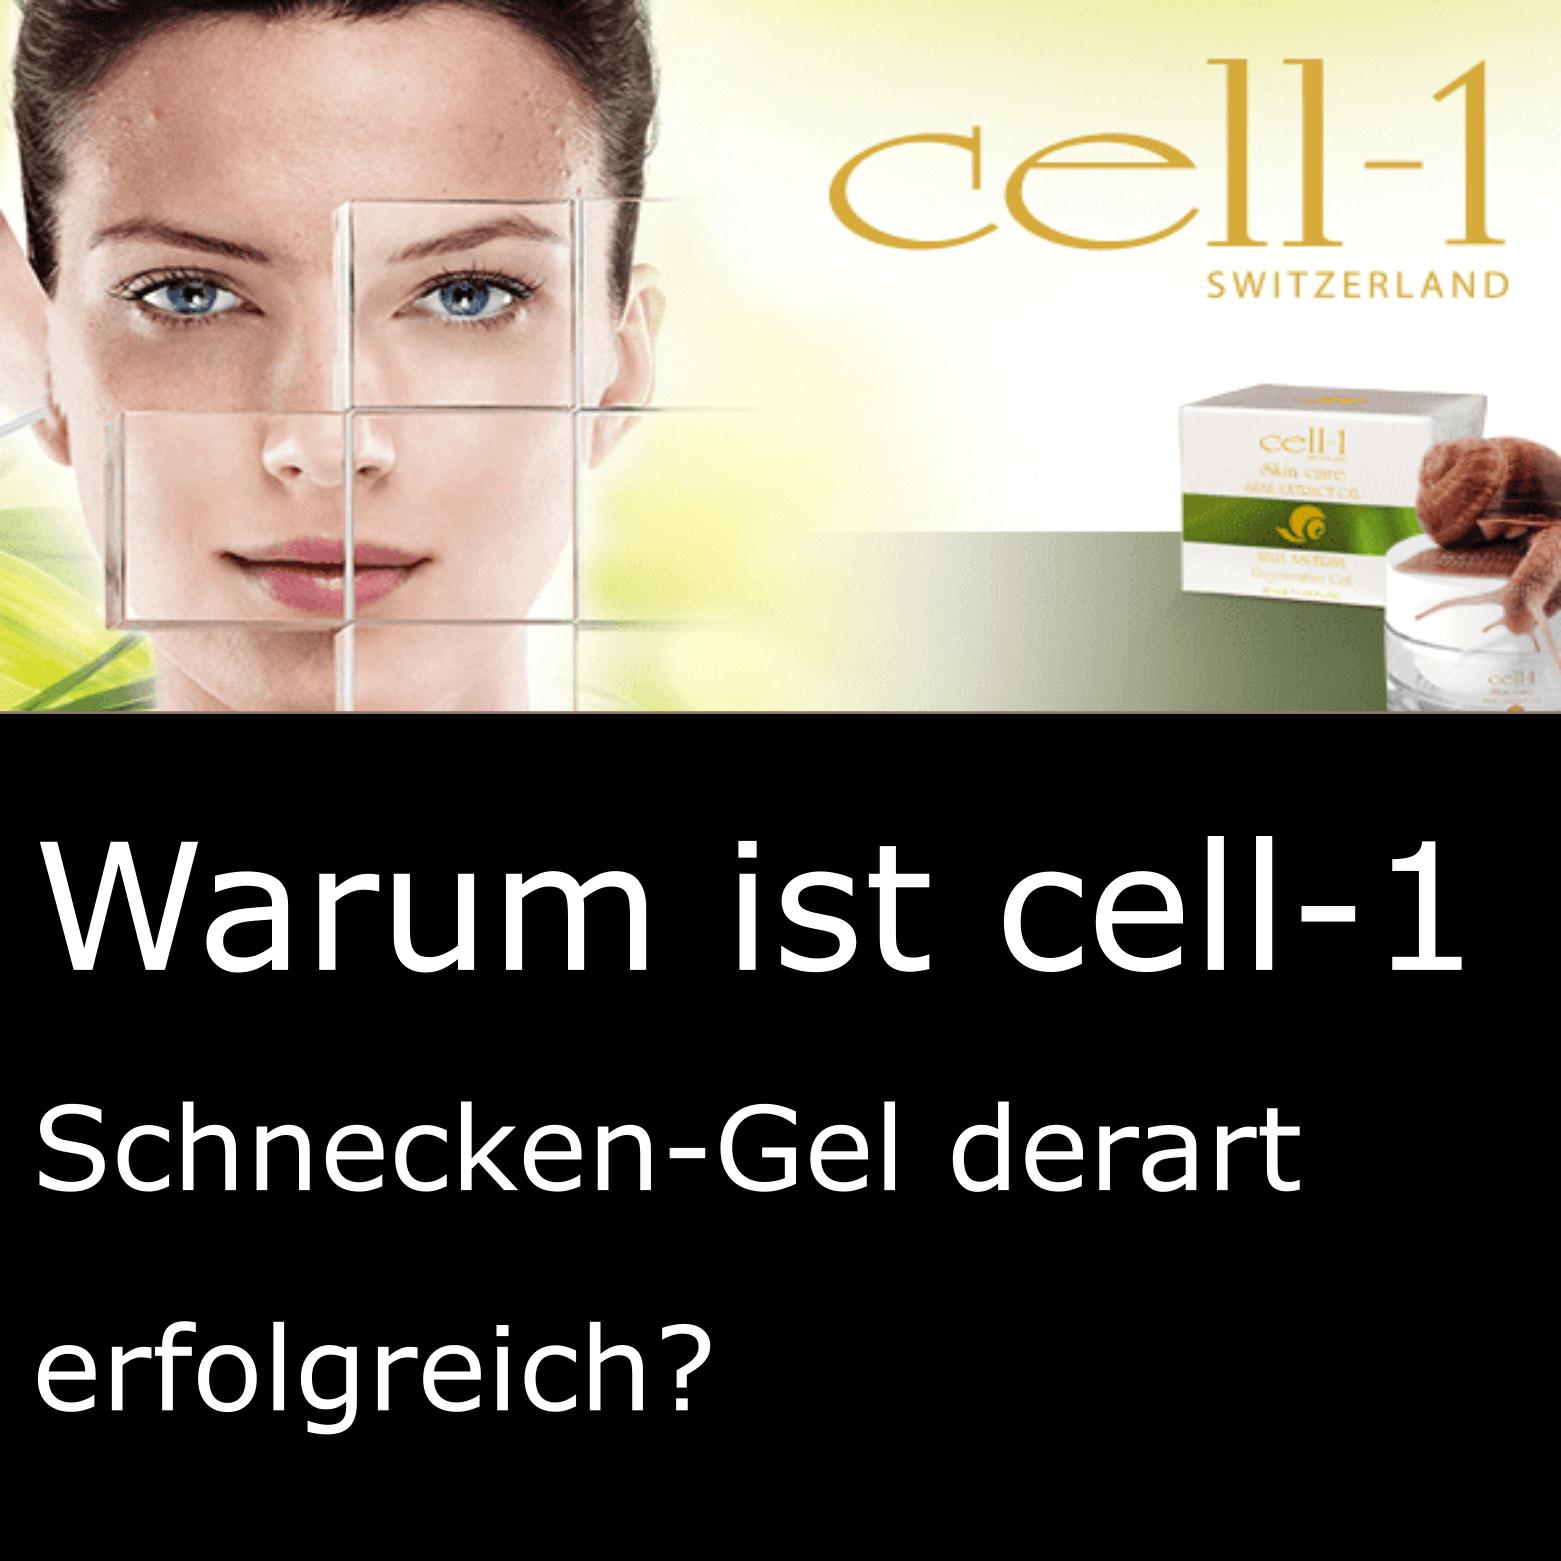 Warum ist der cell-1 Schnecken-Gel derart erfolgreich?